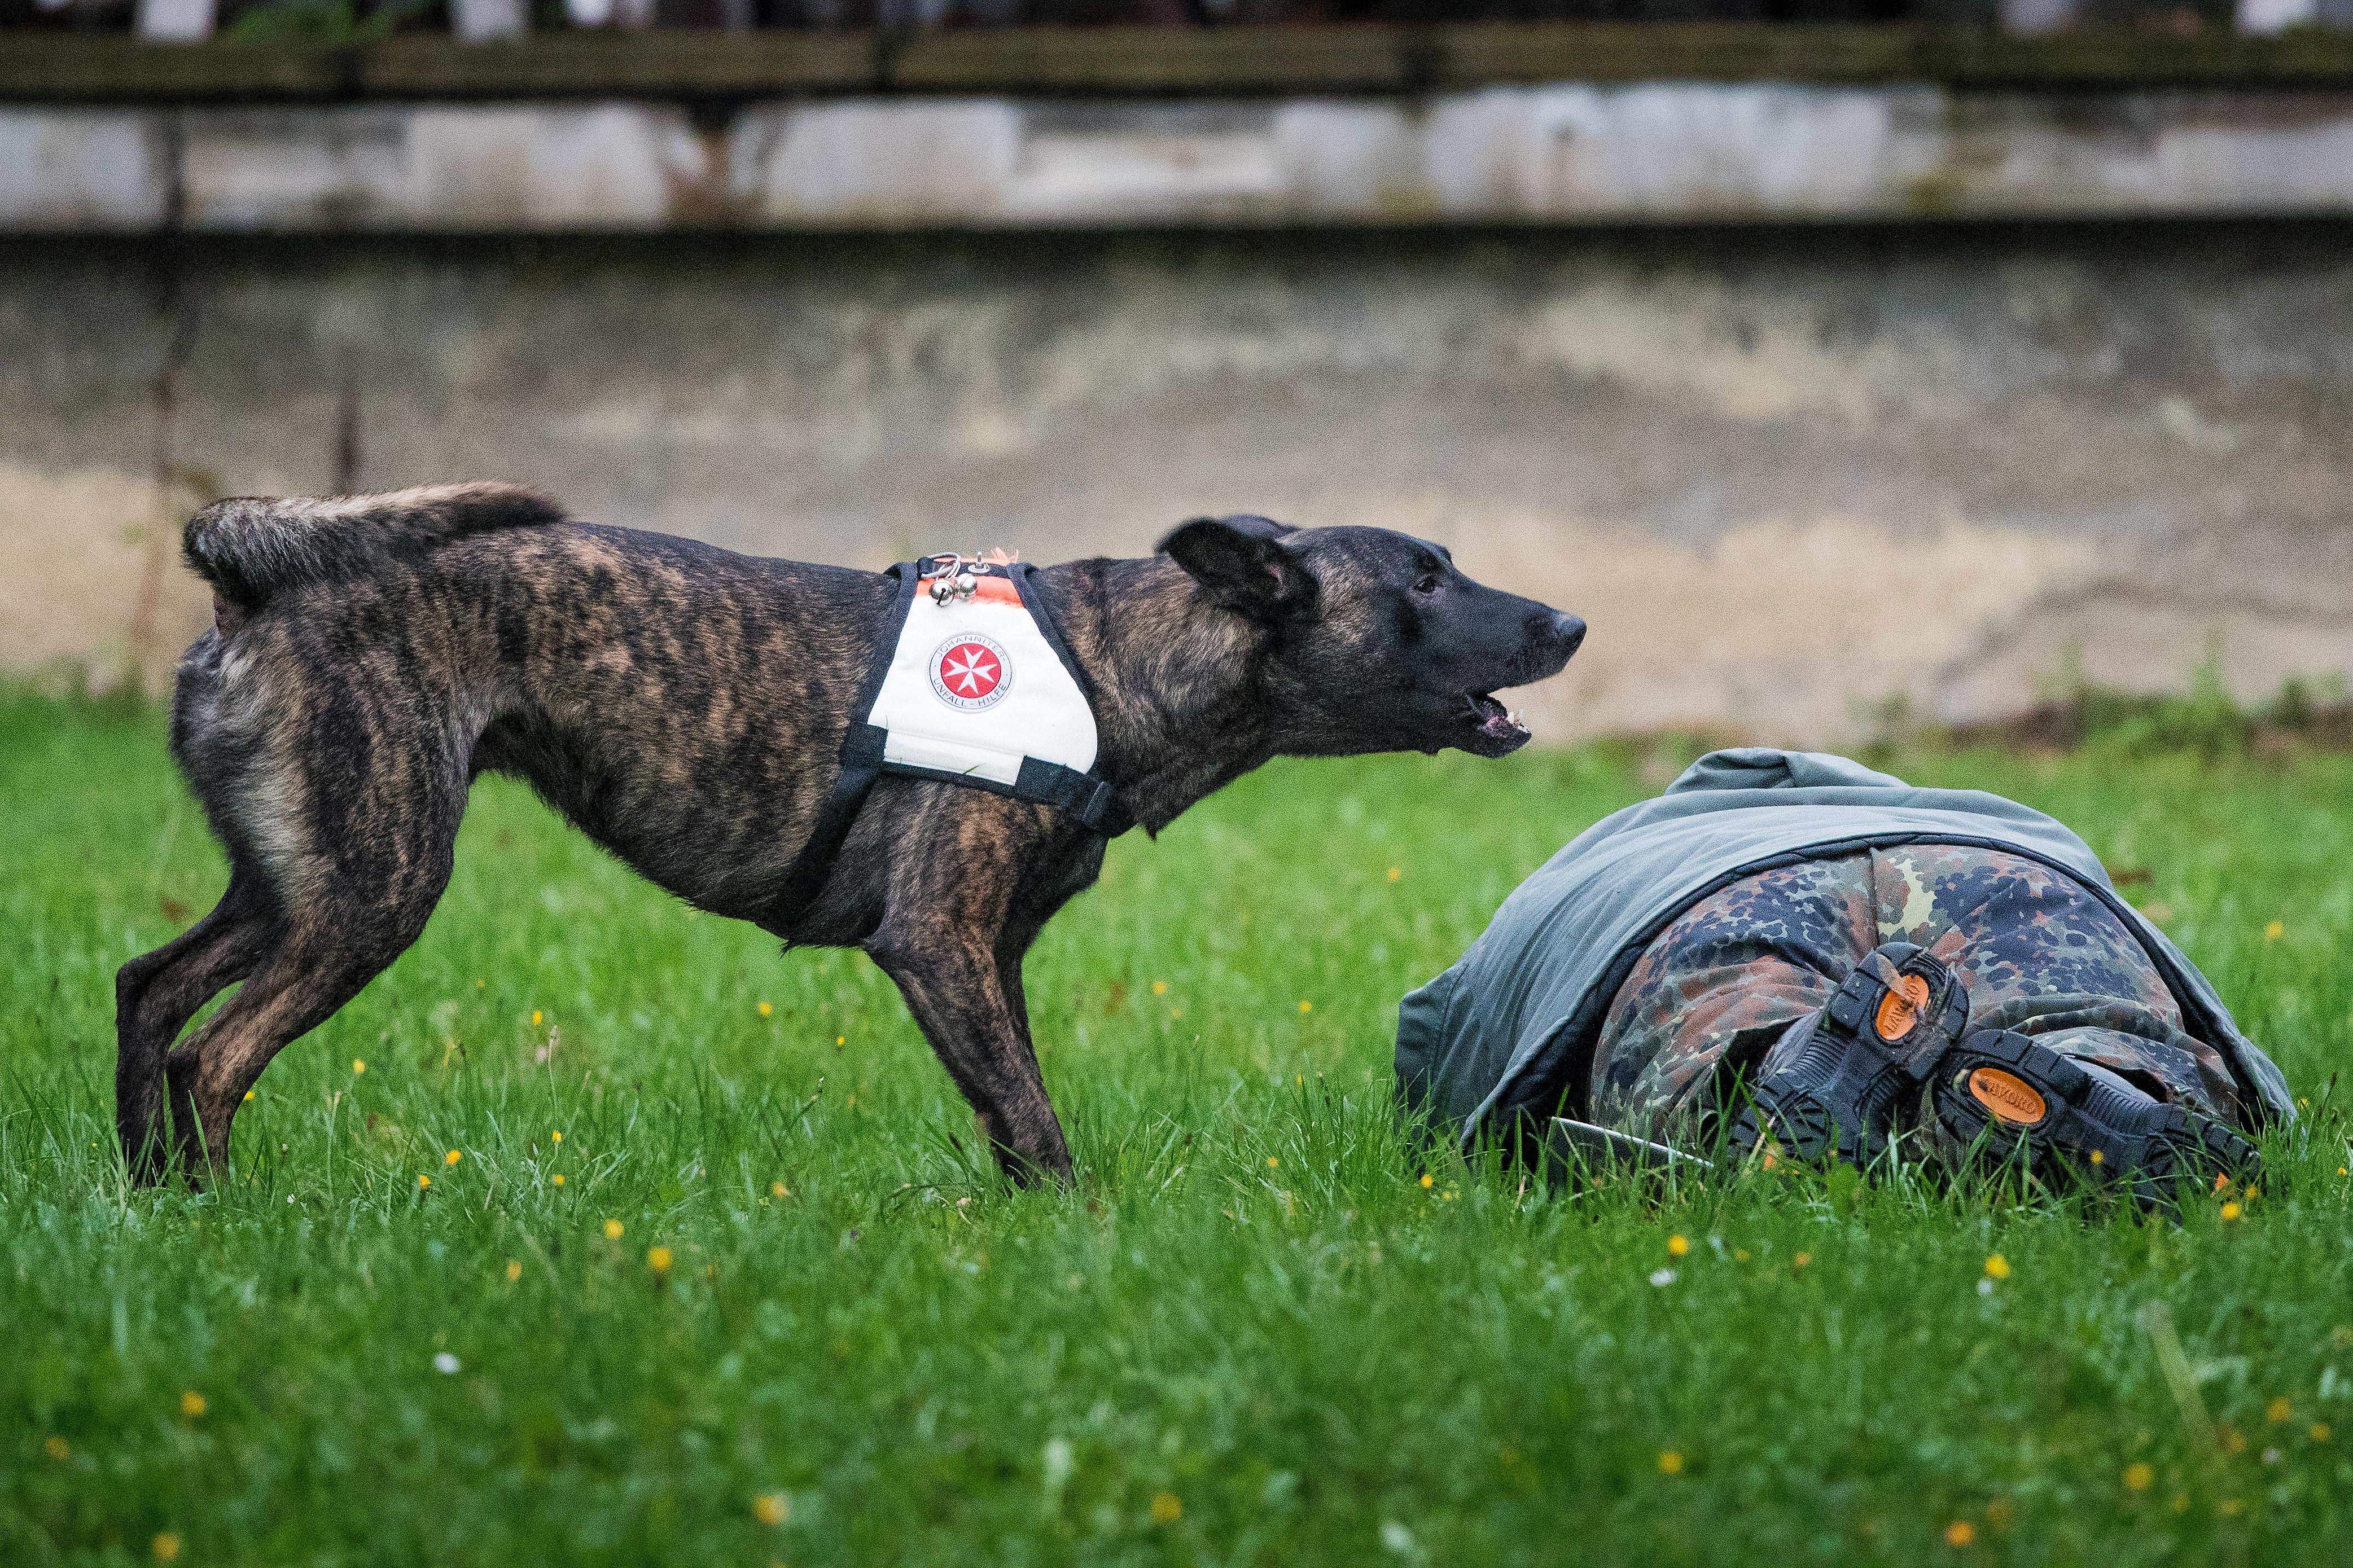 Auf einer Wiese liegt eine Person. Neben ihn bellt ein Rettungshund.